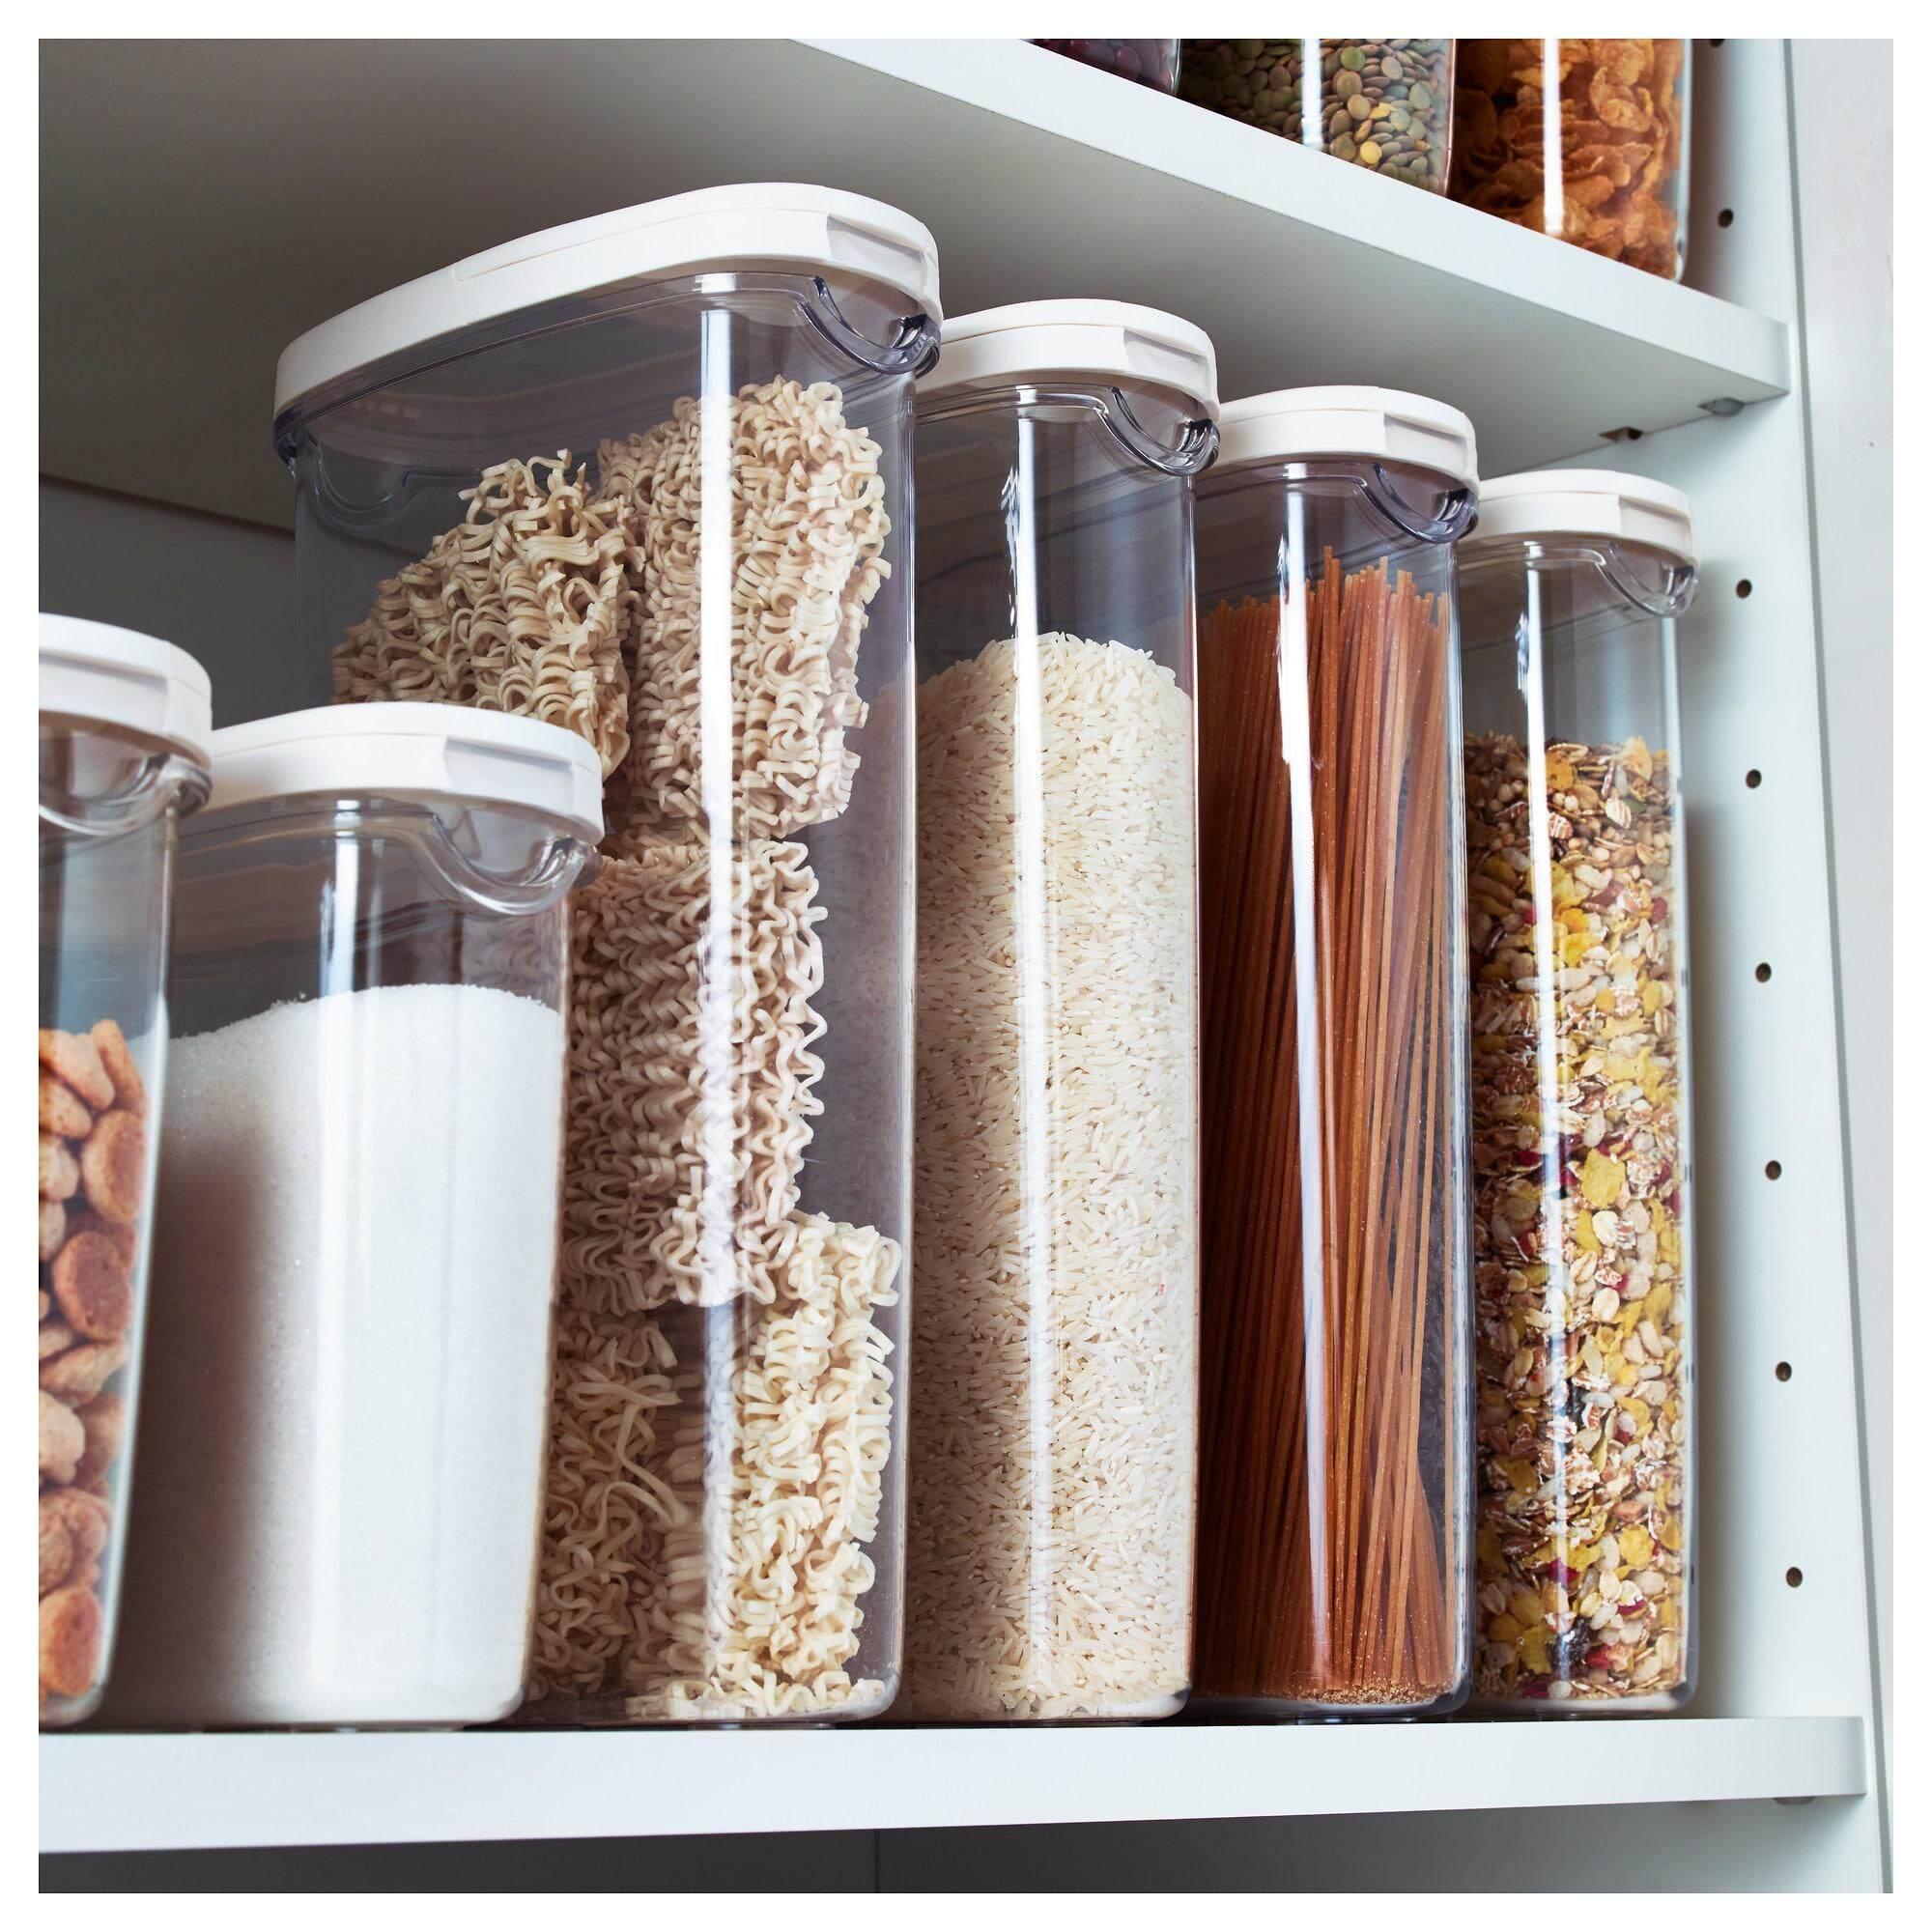 โปรโมชั่น Ikea 365+ อิเกีย 365+ กล่องใส่อาหารแห้งพร้อมฝา ใส เปิดฝาออกหมดเมื่อต้องการใส่อาหารลงในกล่อง และเลือกใช้ฝาเล็กด้านบนเมื่อต้องการเทอาหารออกออกแบบให้มีขนาดและรูปทรงเหมาะมือ จับถนัดเมื่อต้องการเทและคนไปพร้อมๆ By Vvs.